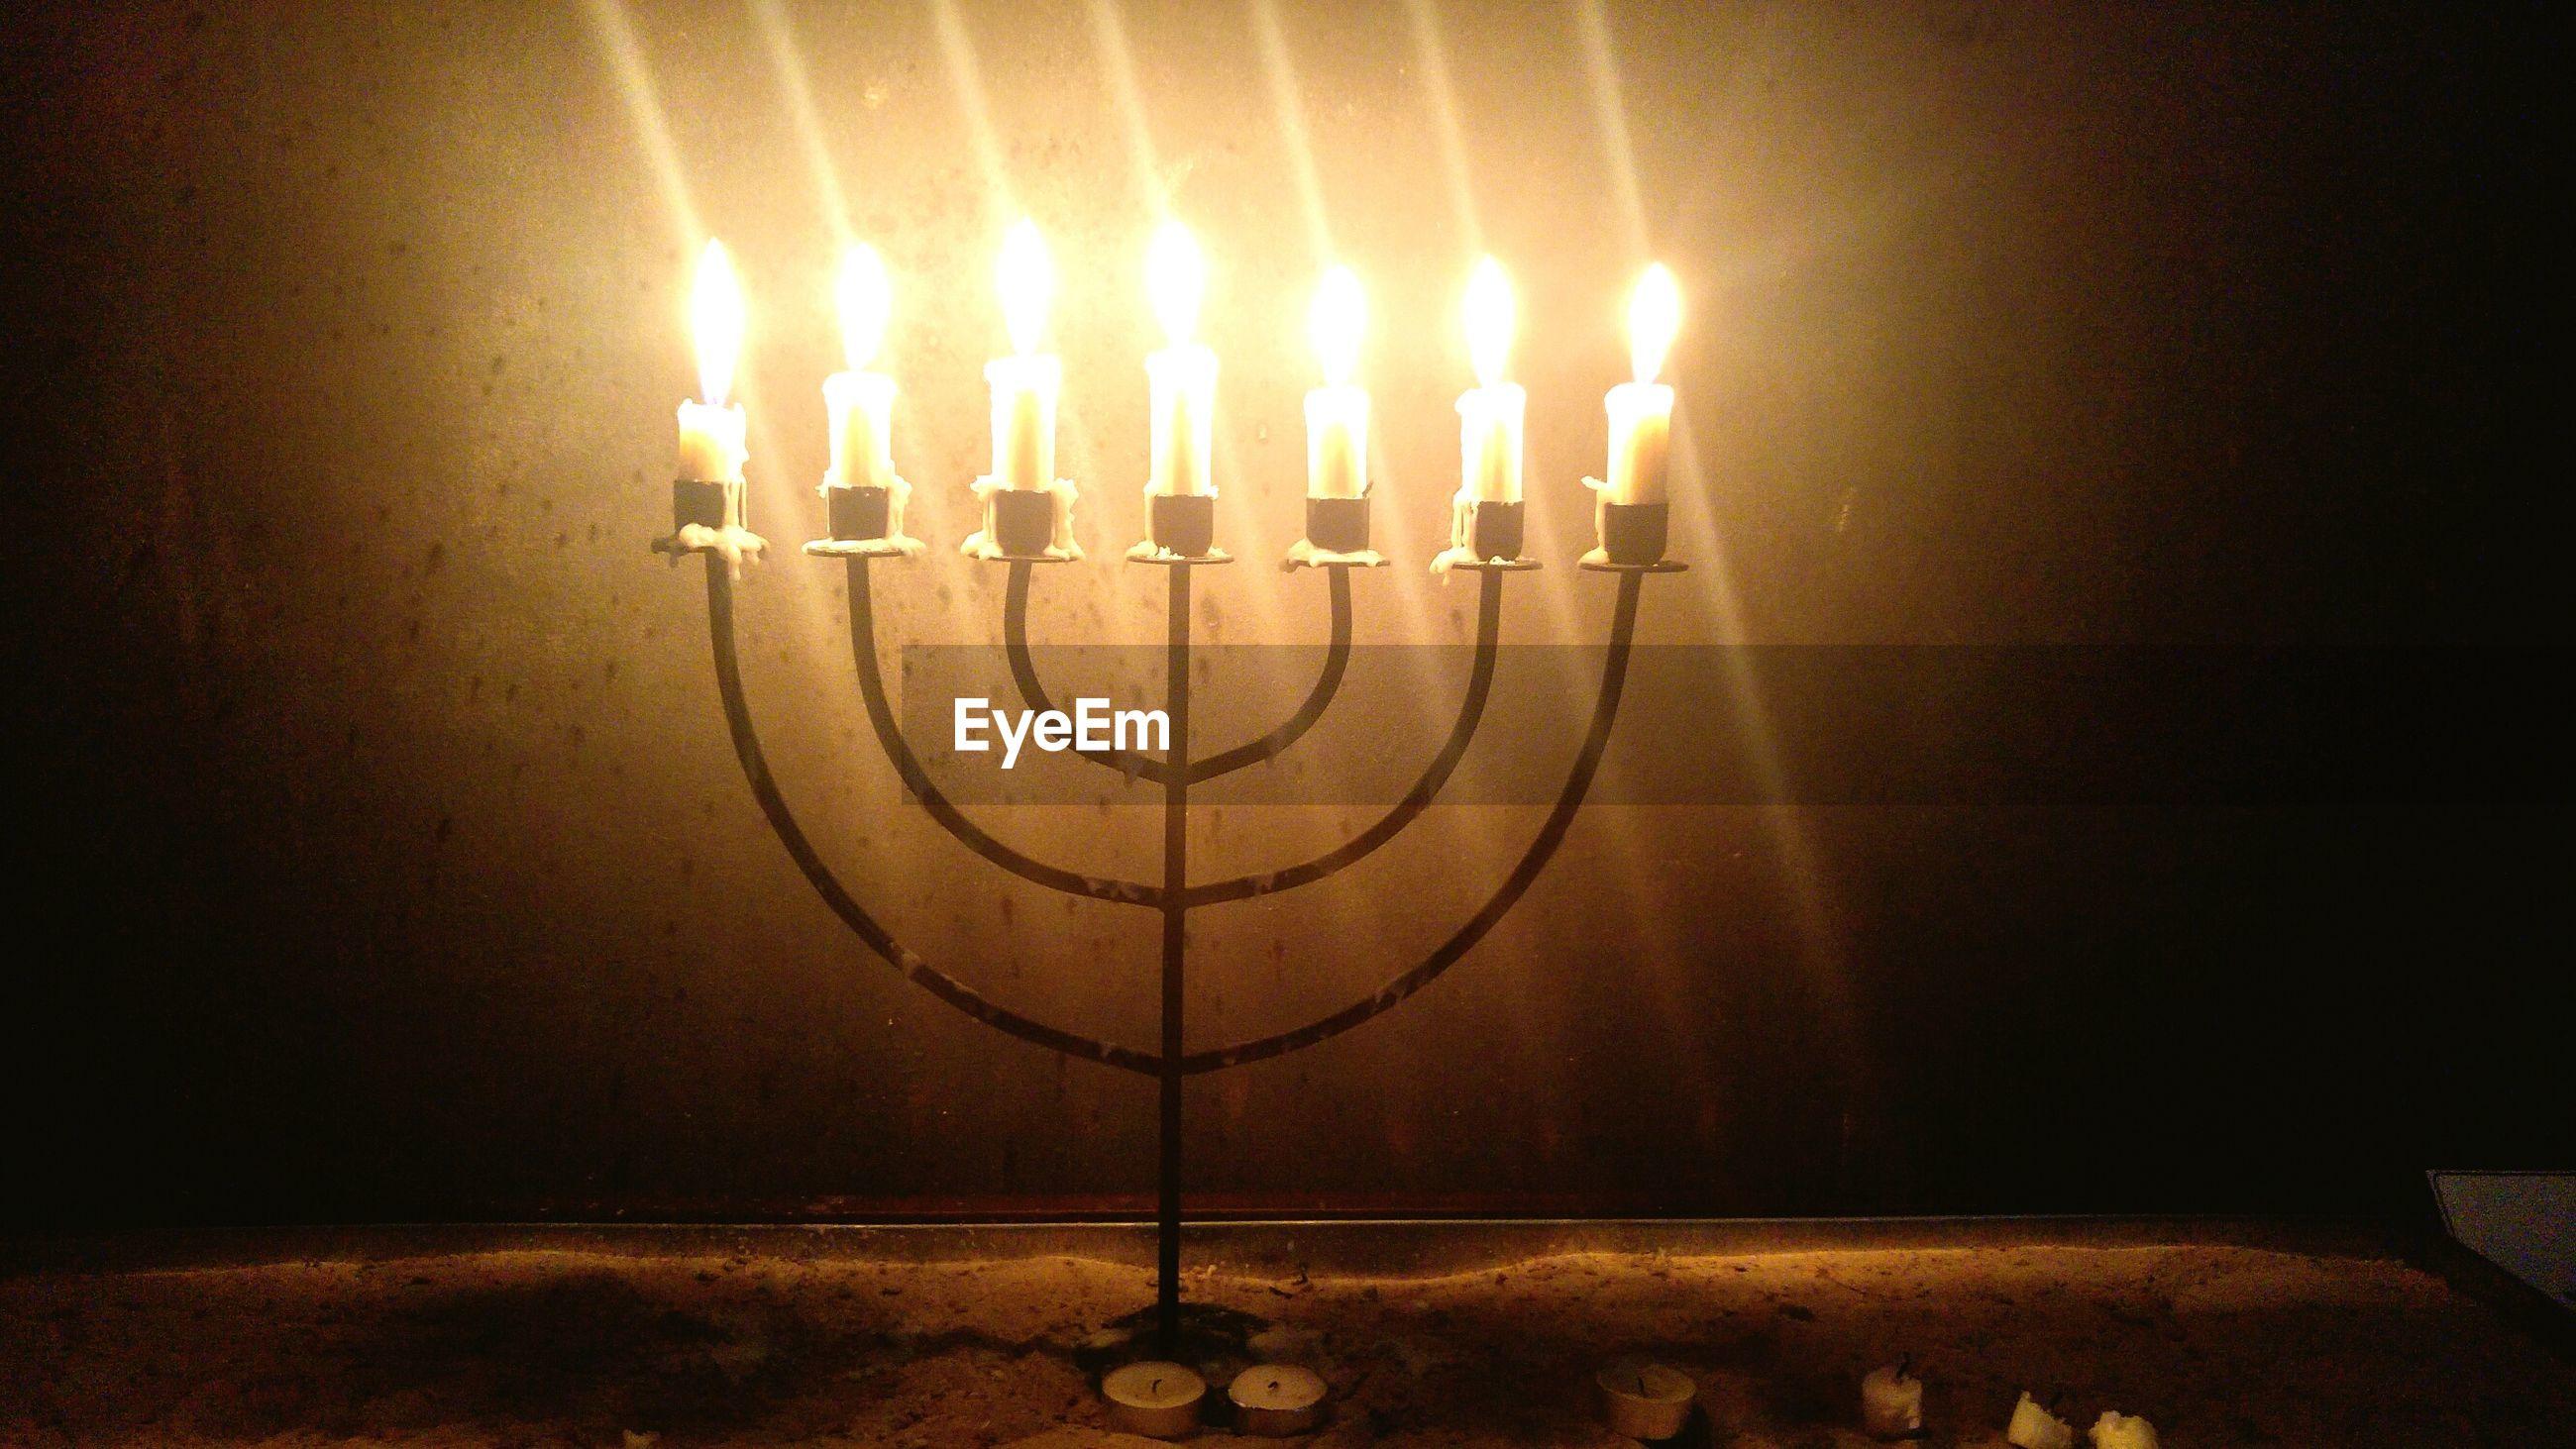 ILLUMINATED LAMP ON TABLE AT NIGHT